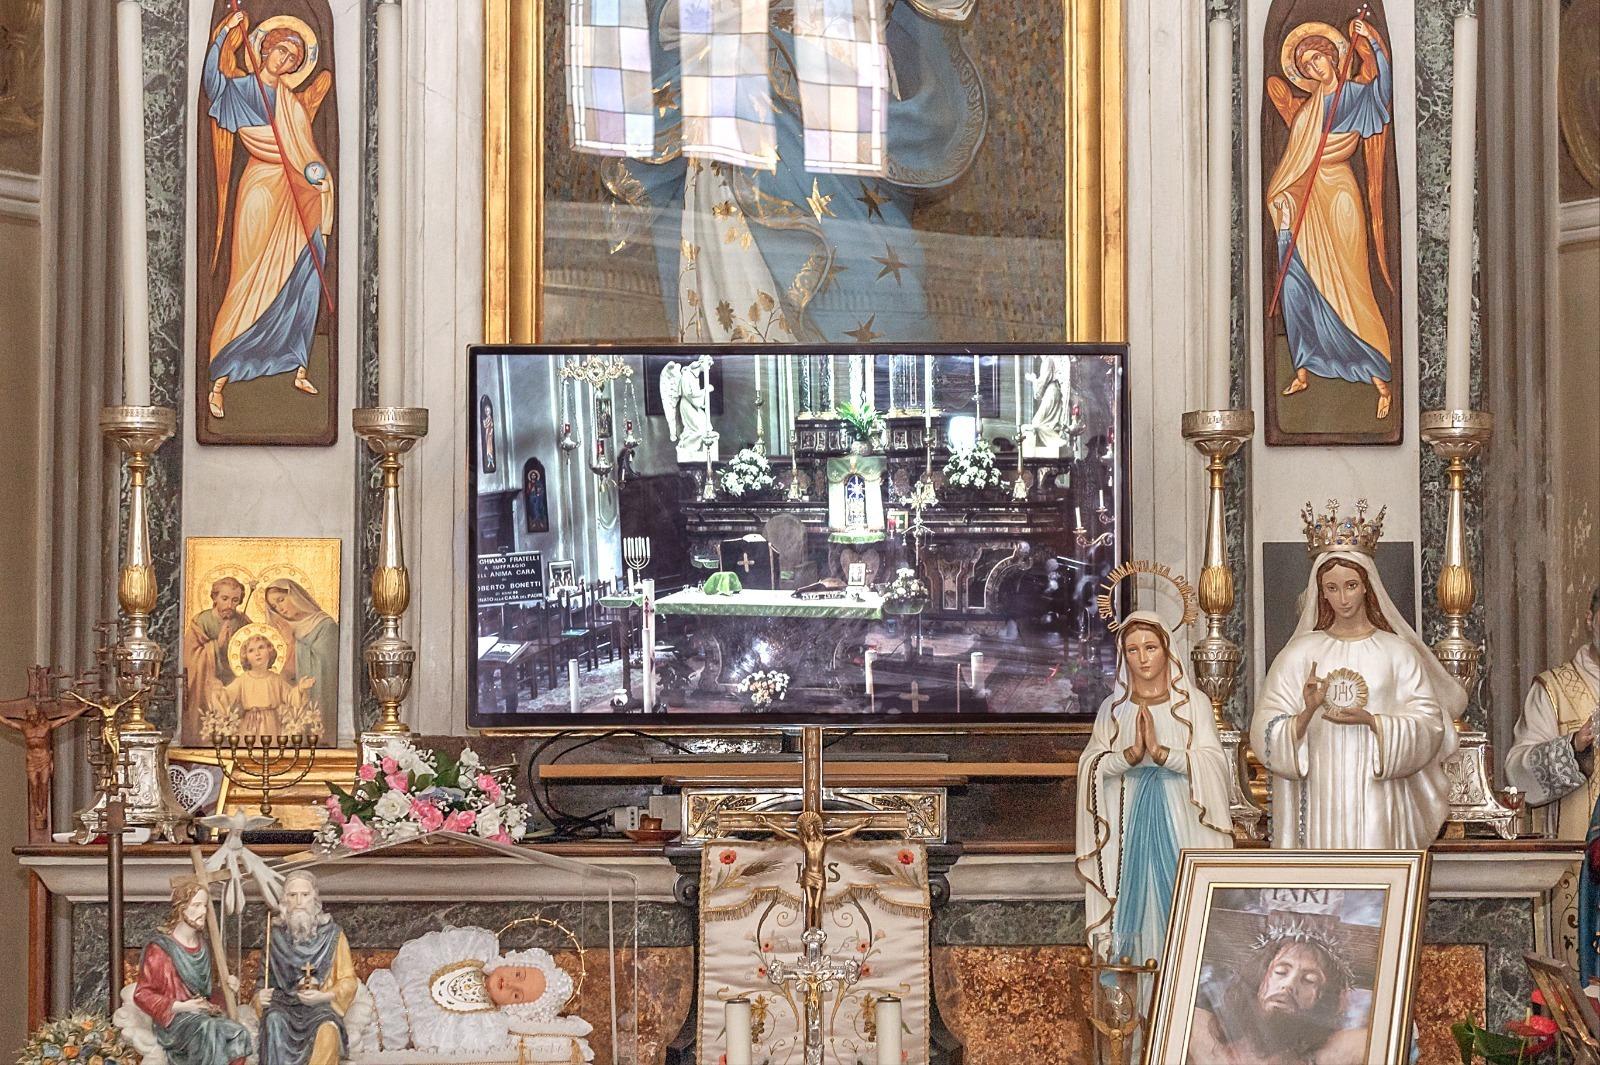 MELMA in chiesetta: installazioni e performance tra le icone